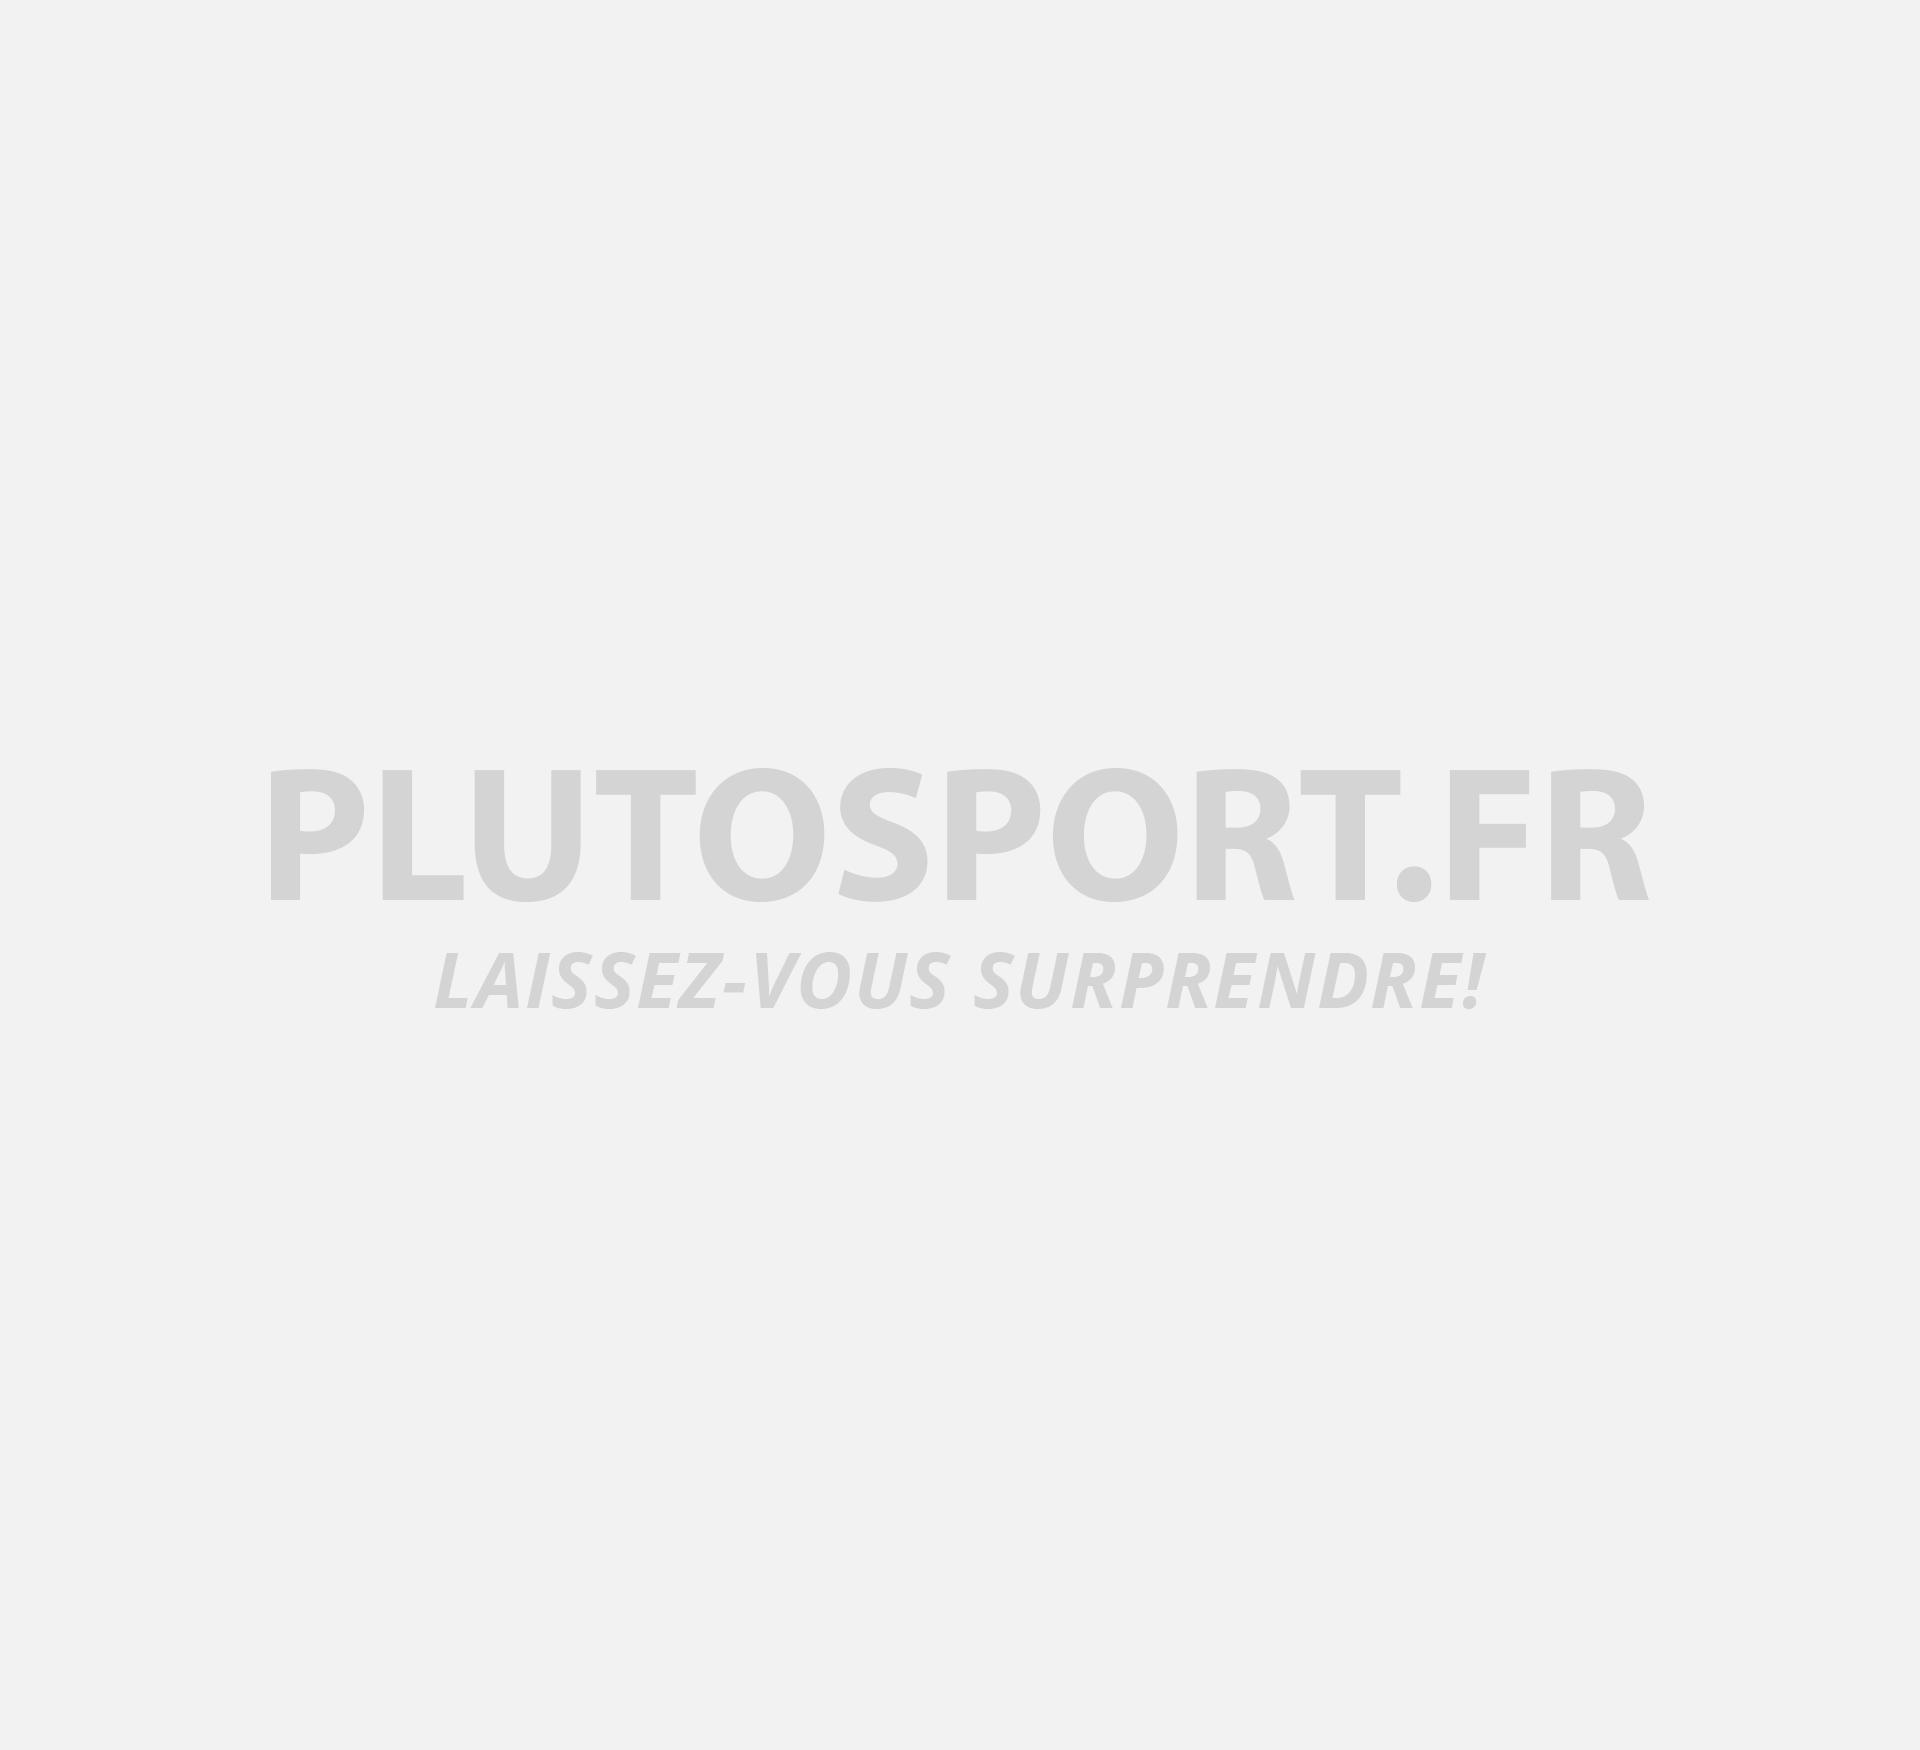 3da350bcc19 La chaussure pour femmes Puma Cilia - Baskets - Chaussures ...